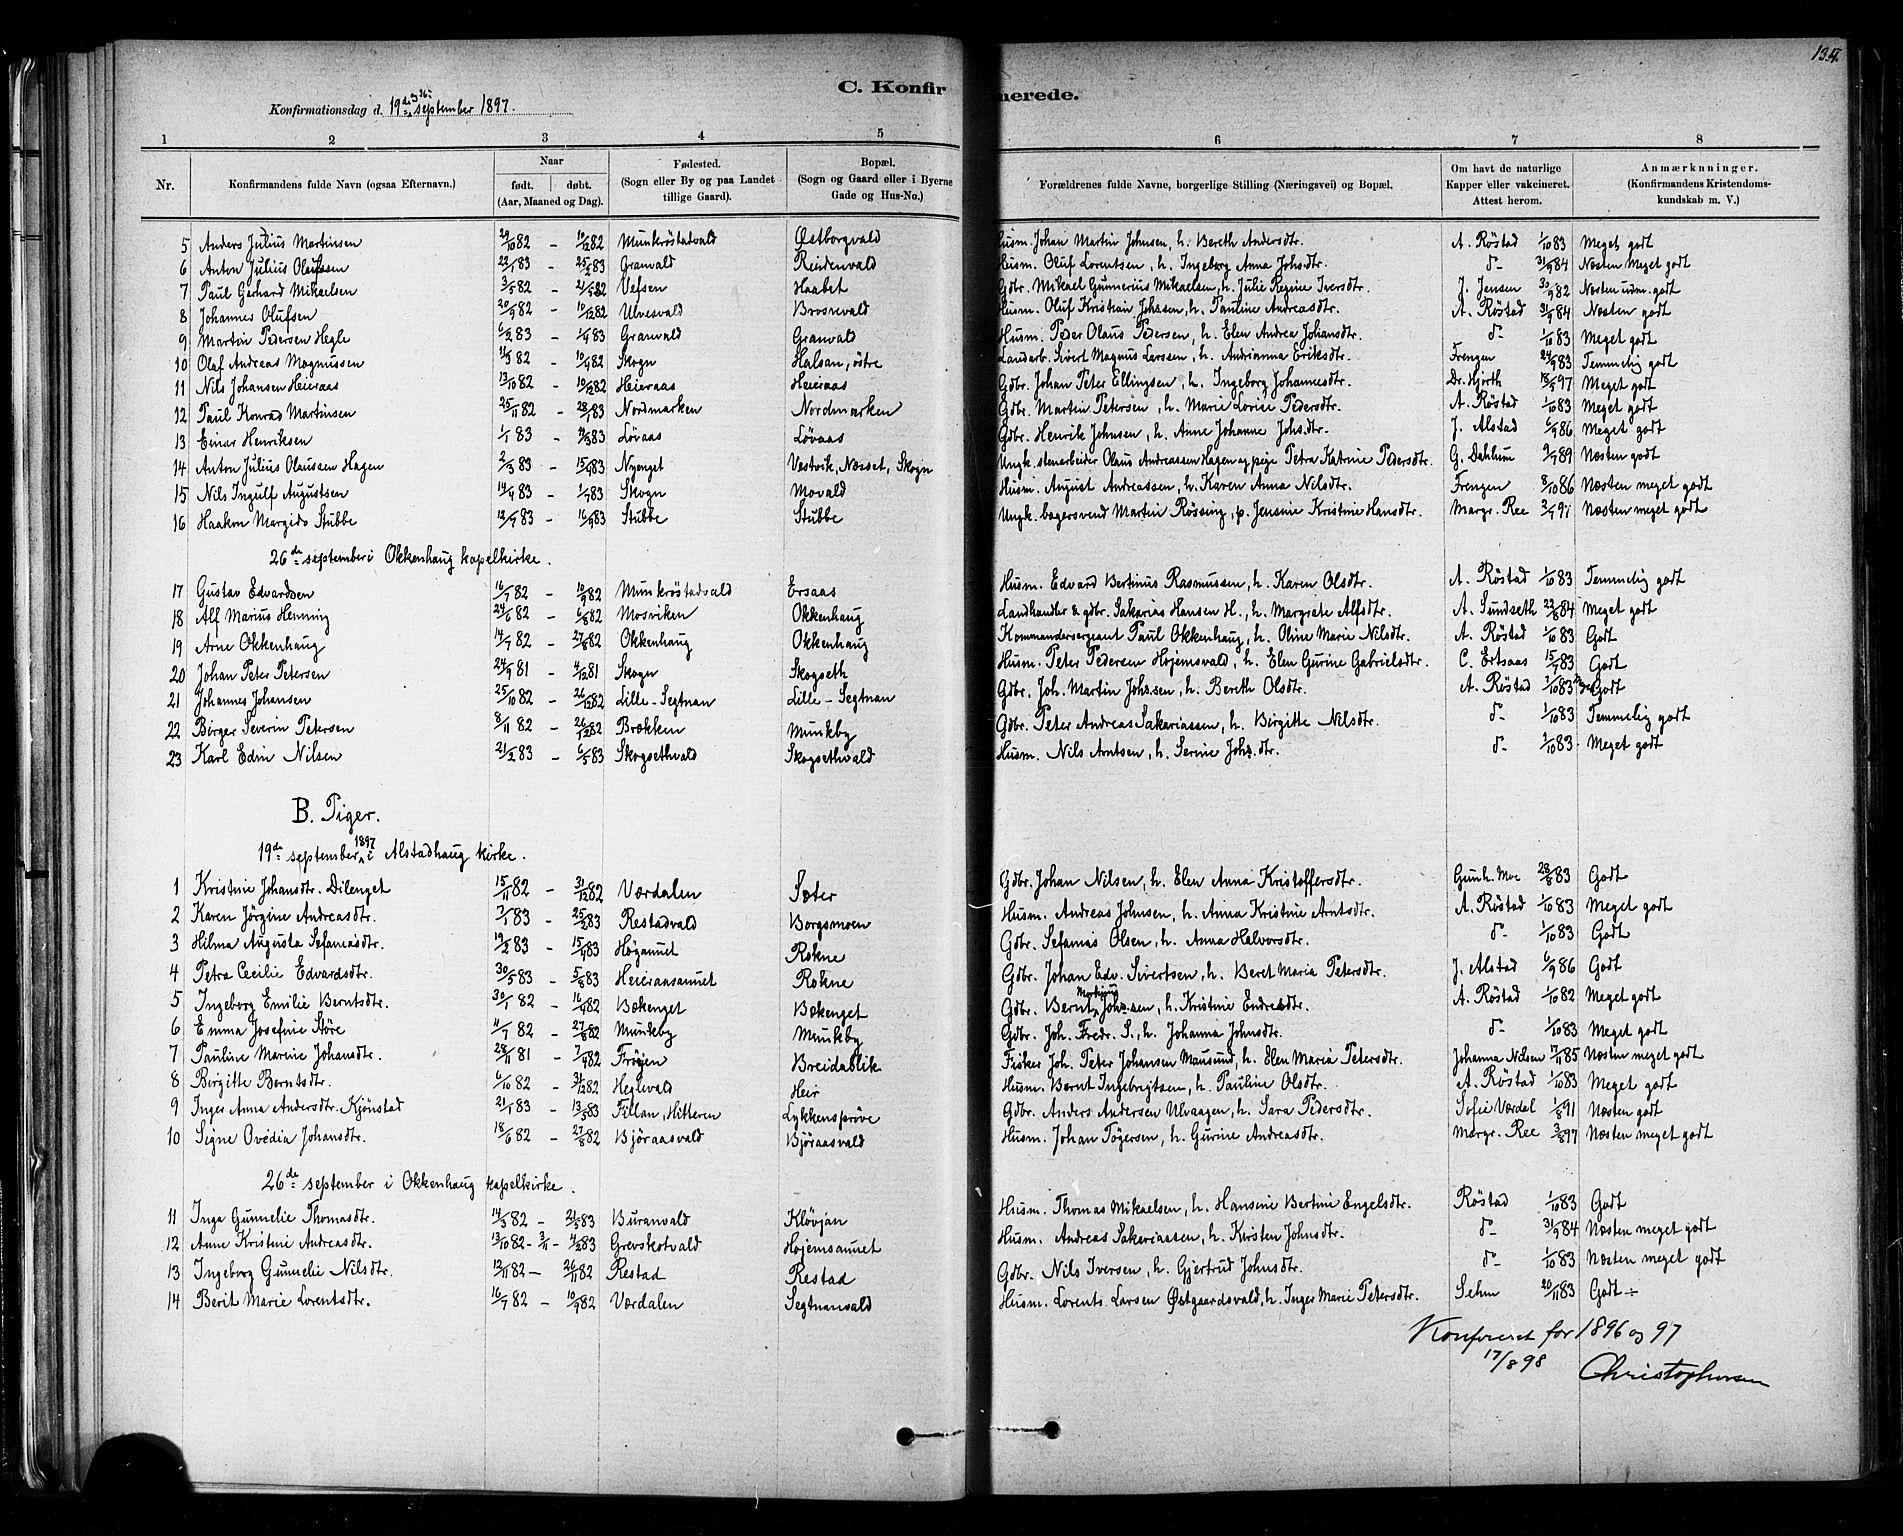 SAT, Ministerialprotokoller, klokkerbøker og fødselsregistre - Nord-Trøndelag, 721/L0208: Klokkerbok nr. 721C01, 1880-1917, s. 134